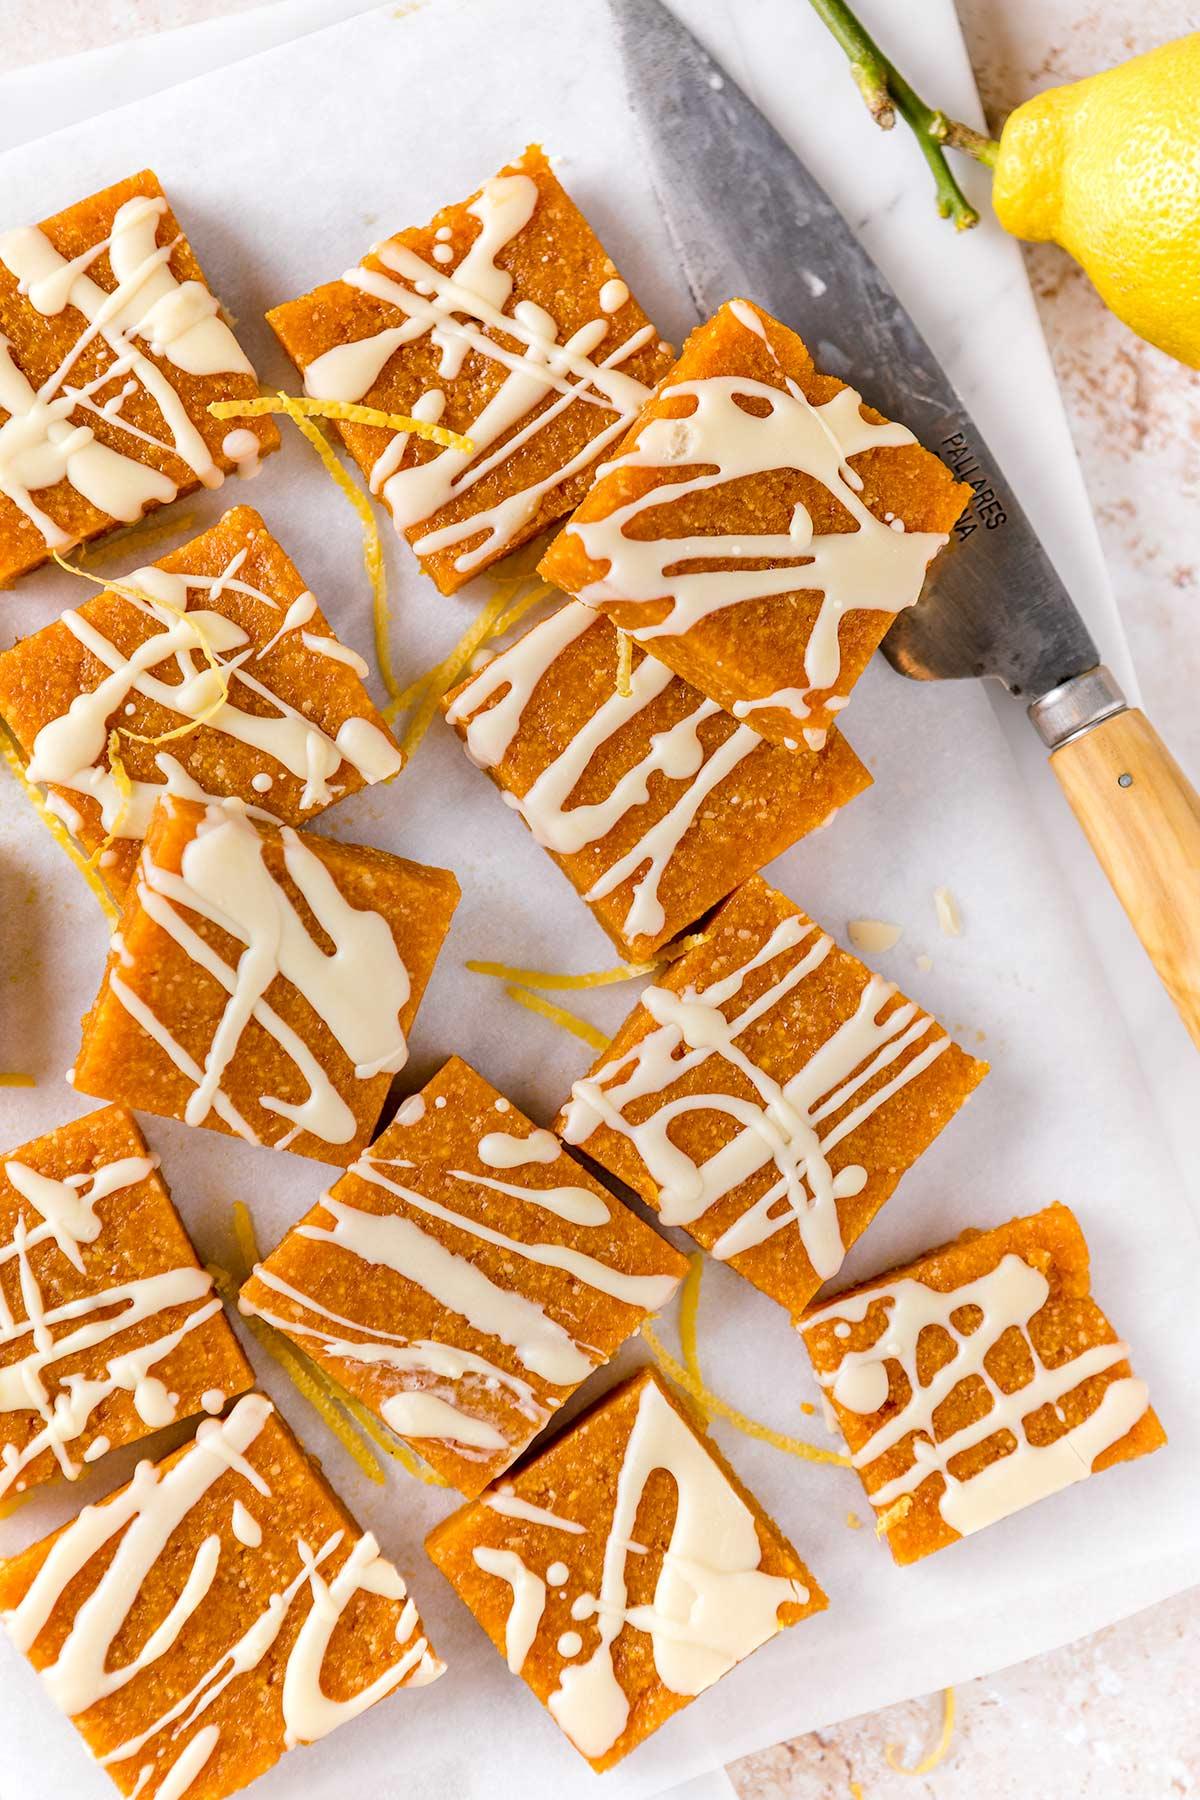 ricetta barrette energetiche alle albicocche e mandorle senza zucchero apricot almond energy bars sugar free with mango